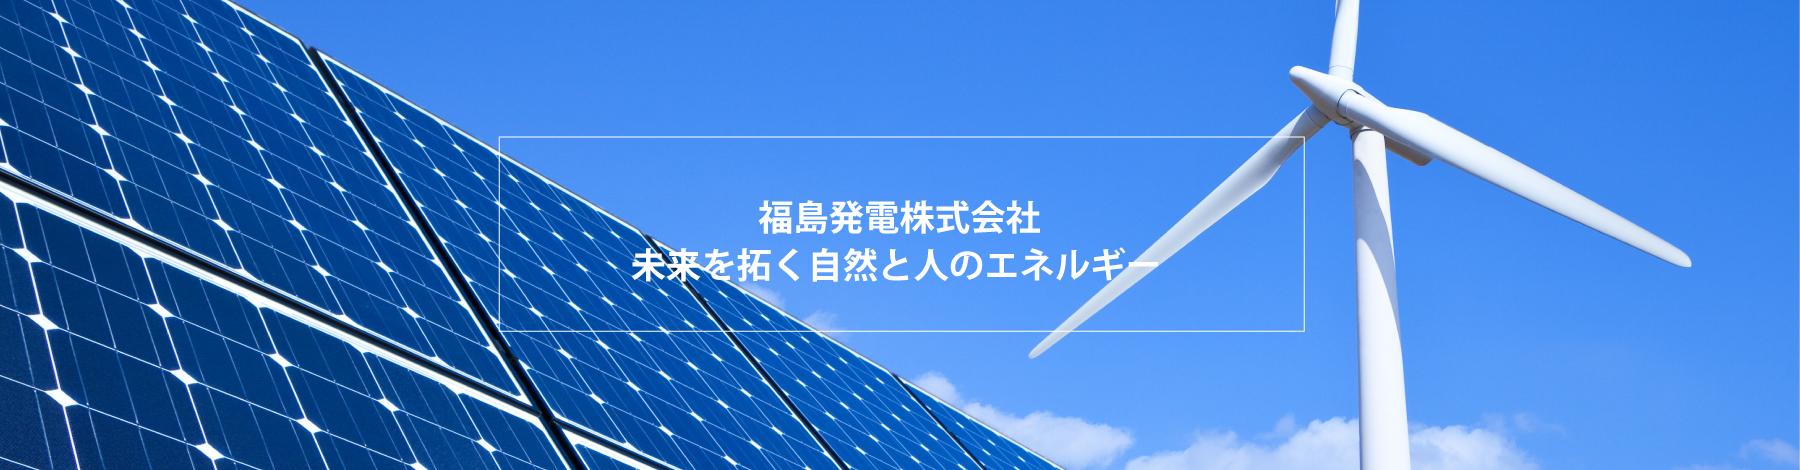 福島発電株式会社 未来を拓く自然と人のエネルギー